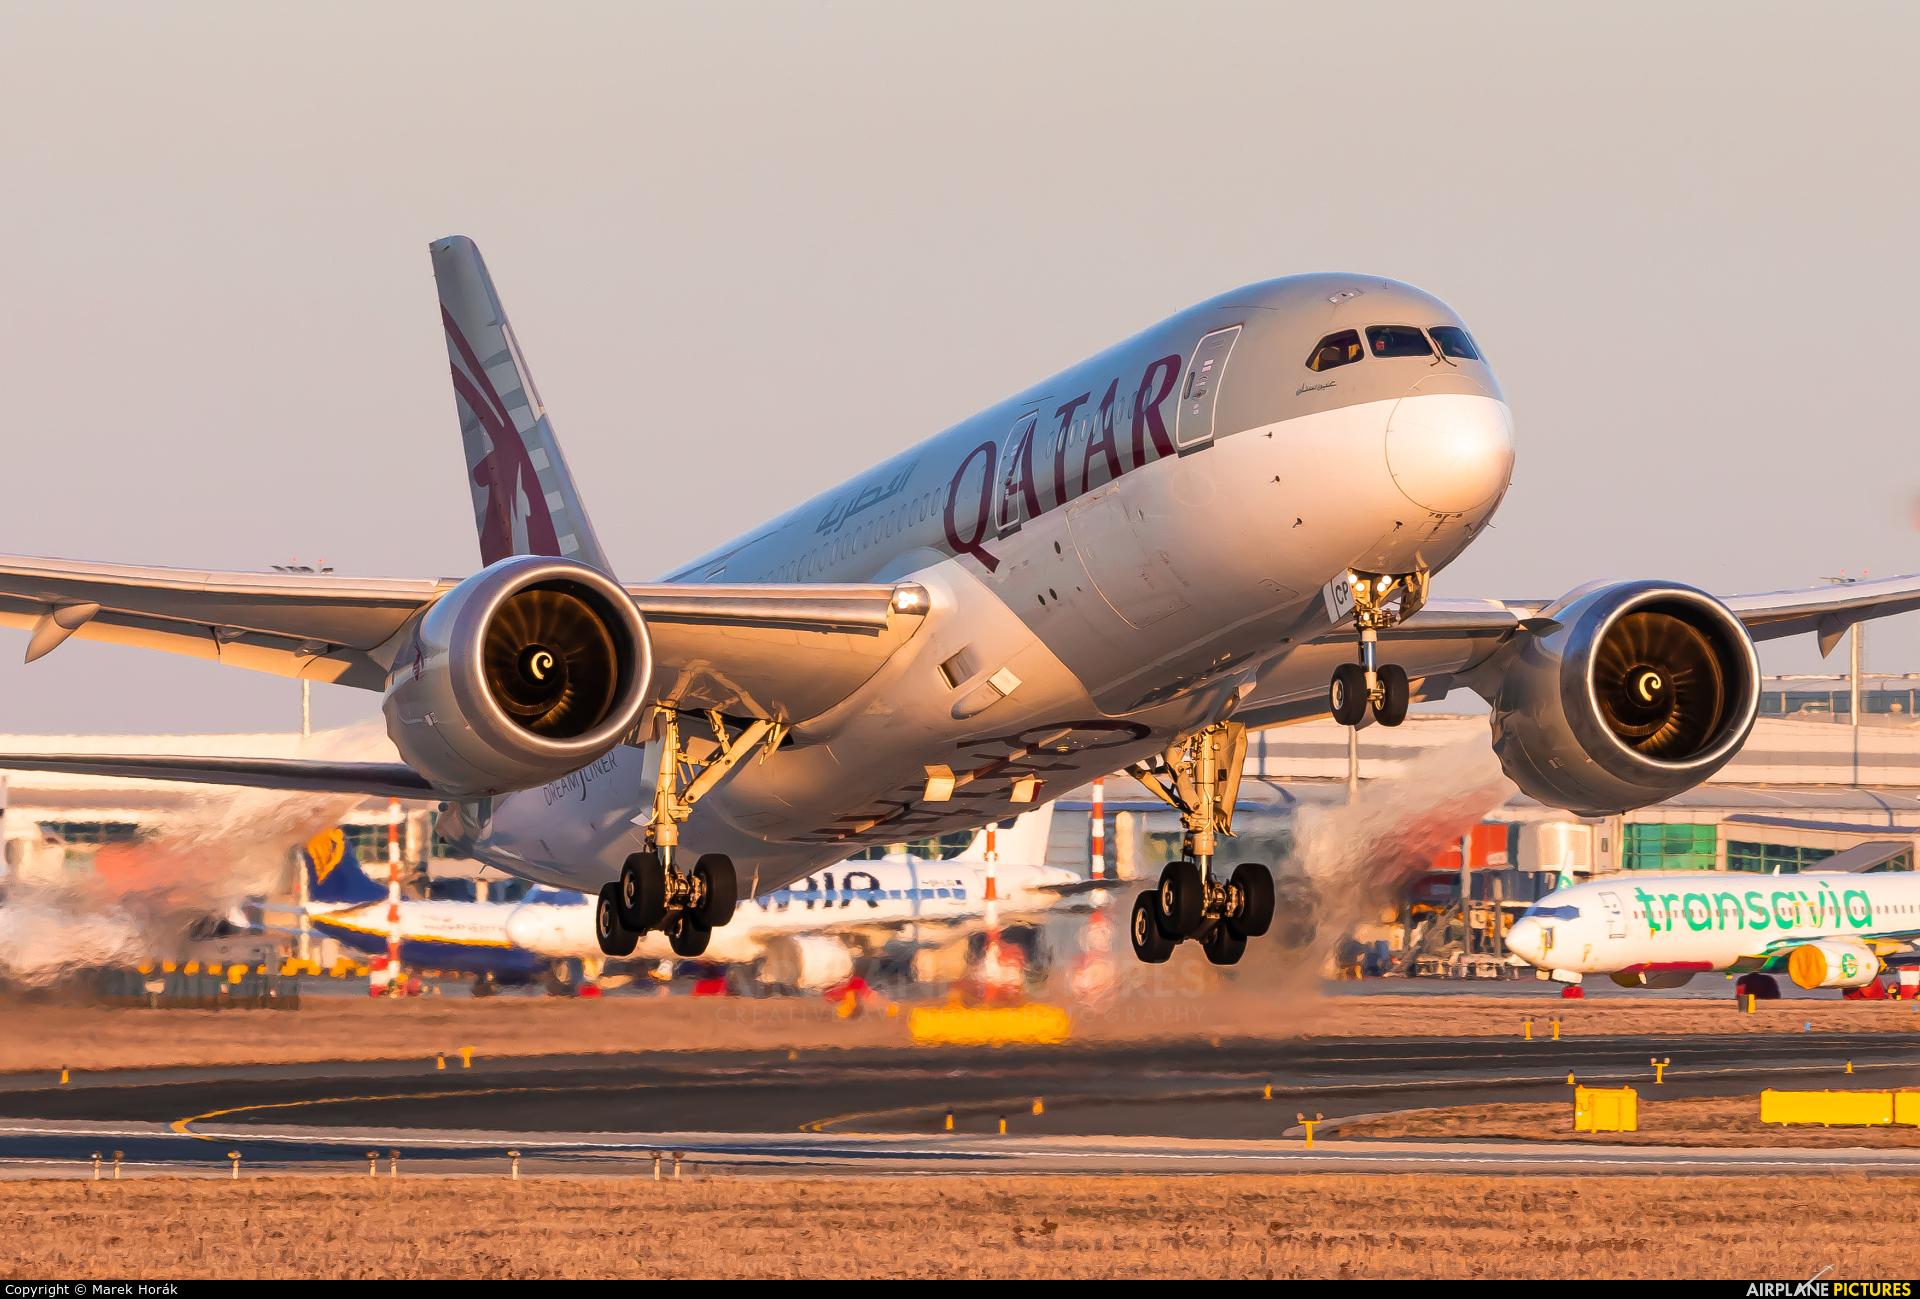 Qatar Airways A7-BCP aircraft at Prague - Václav Havel